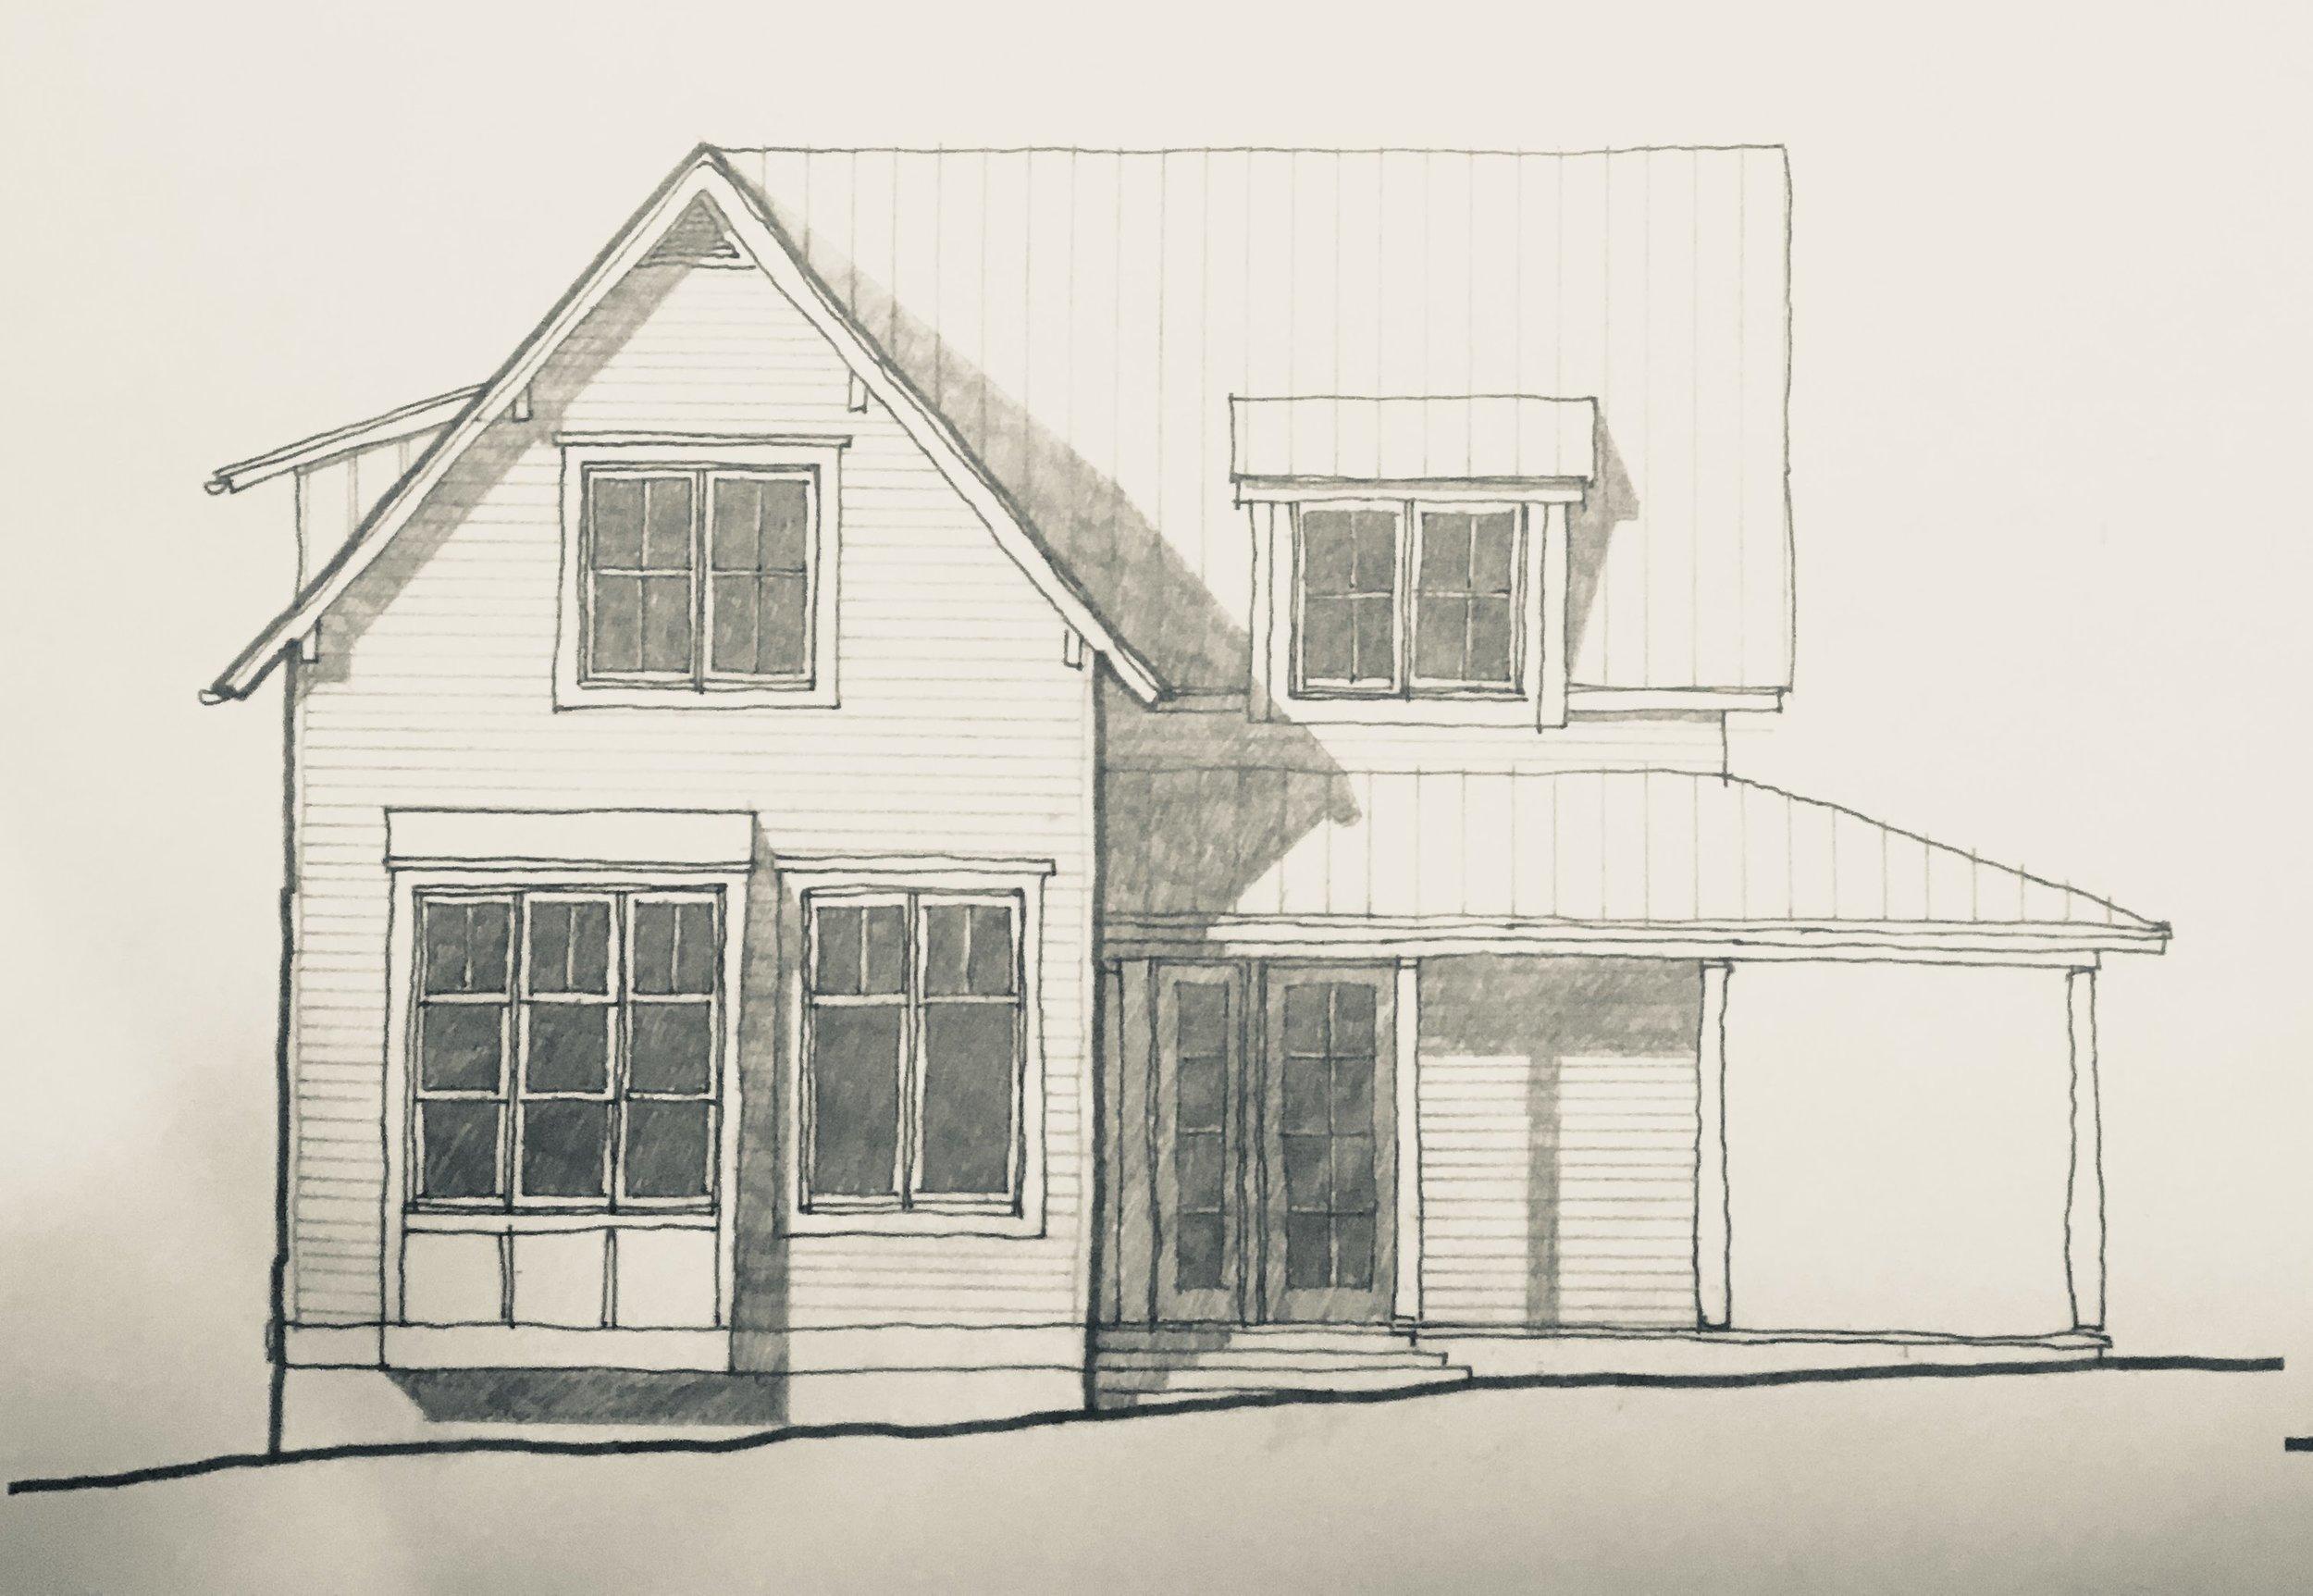 Farmhouse Sketch_South.jpg